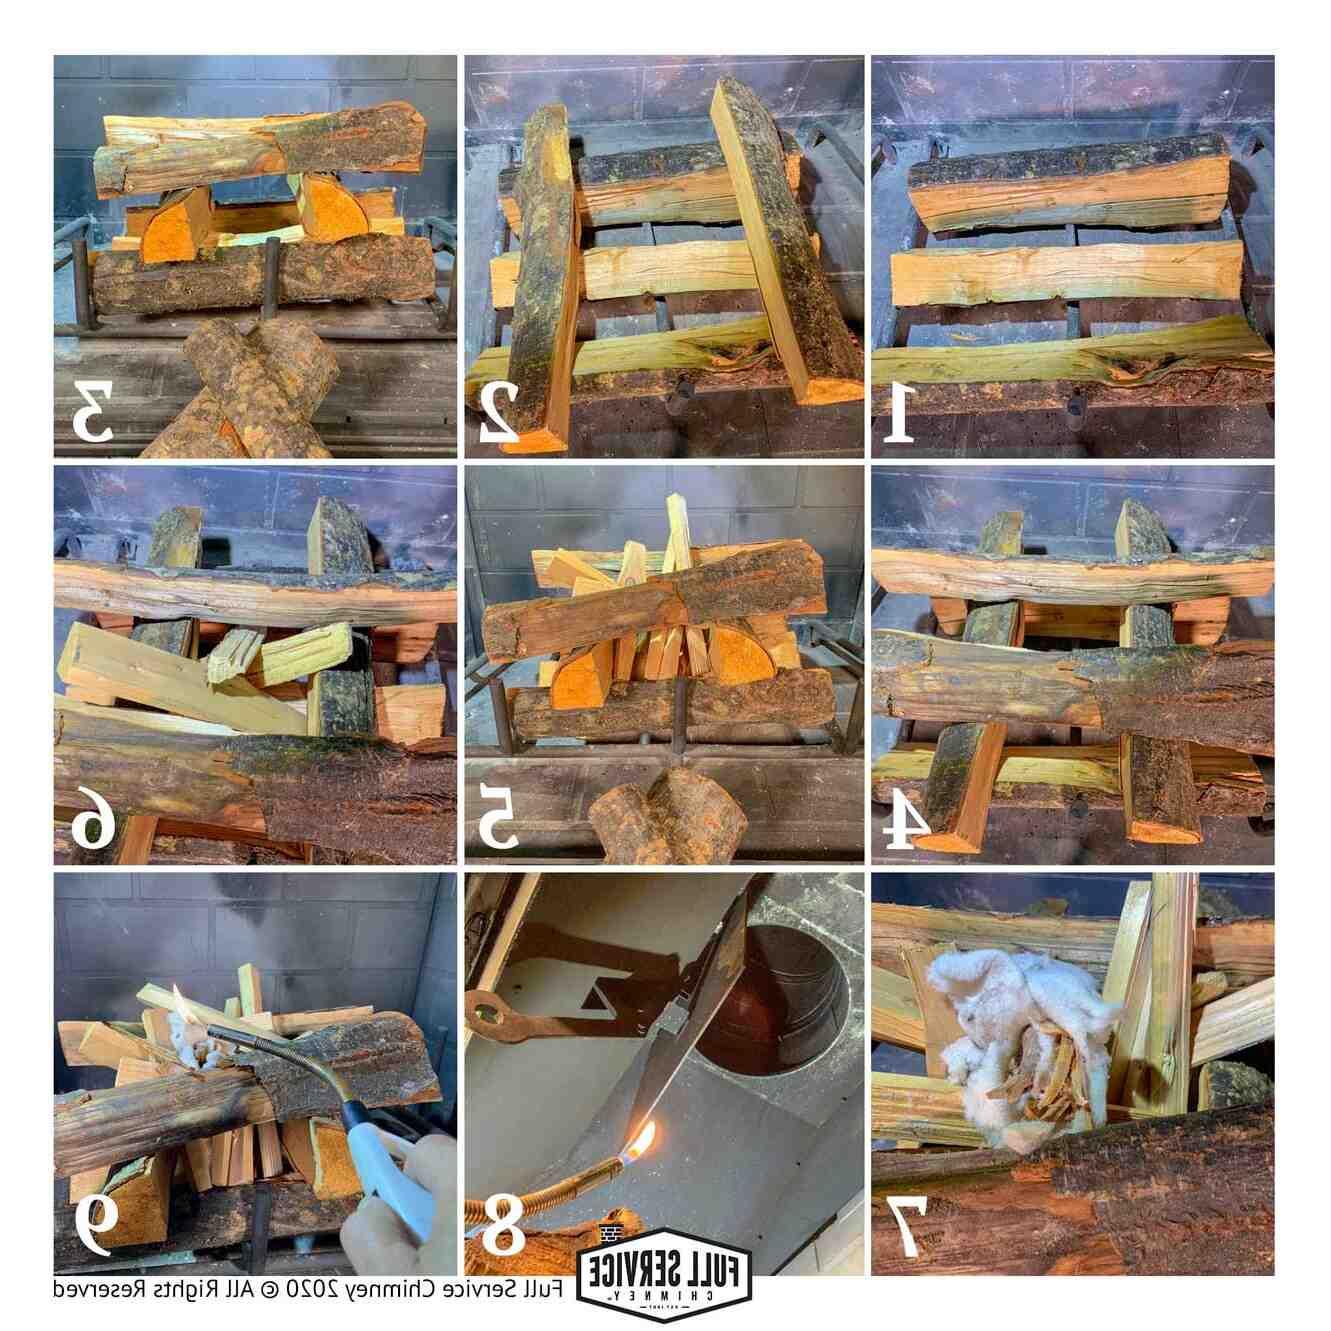 Comment installer une cheminée sans conduit ?